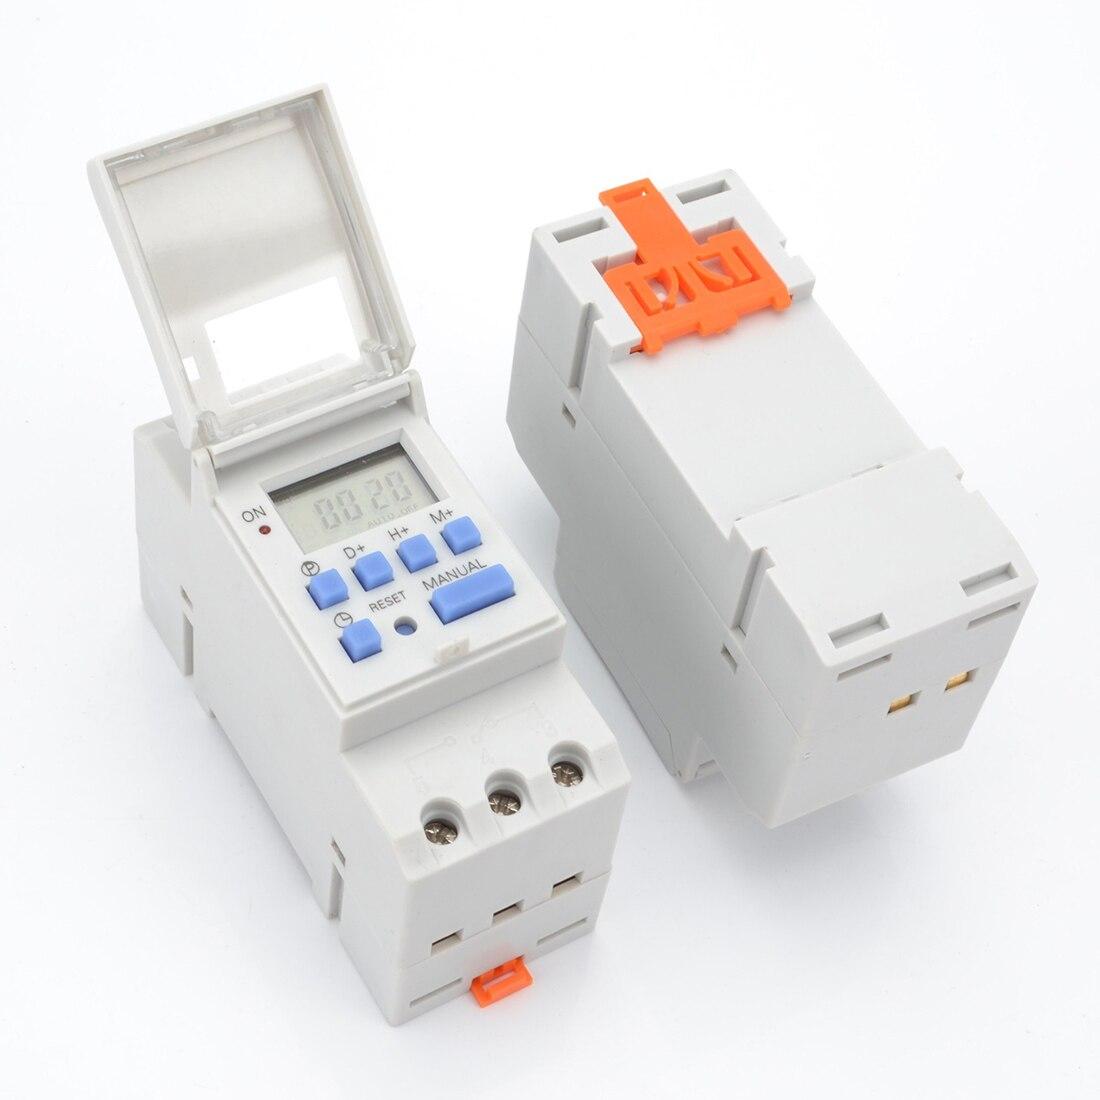 Interruptor Do Temporizador De Energia Digital LCD Timer Programável Interruptor de Tempo AC 220 v/110 v DC 12 v 16A Temporizador trilho Din